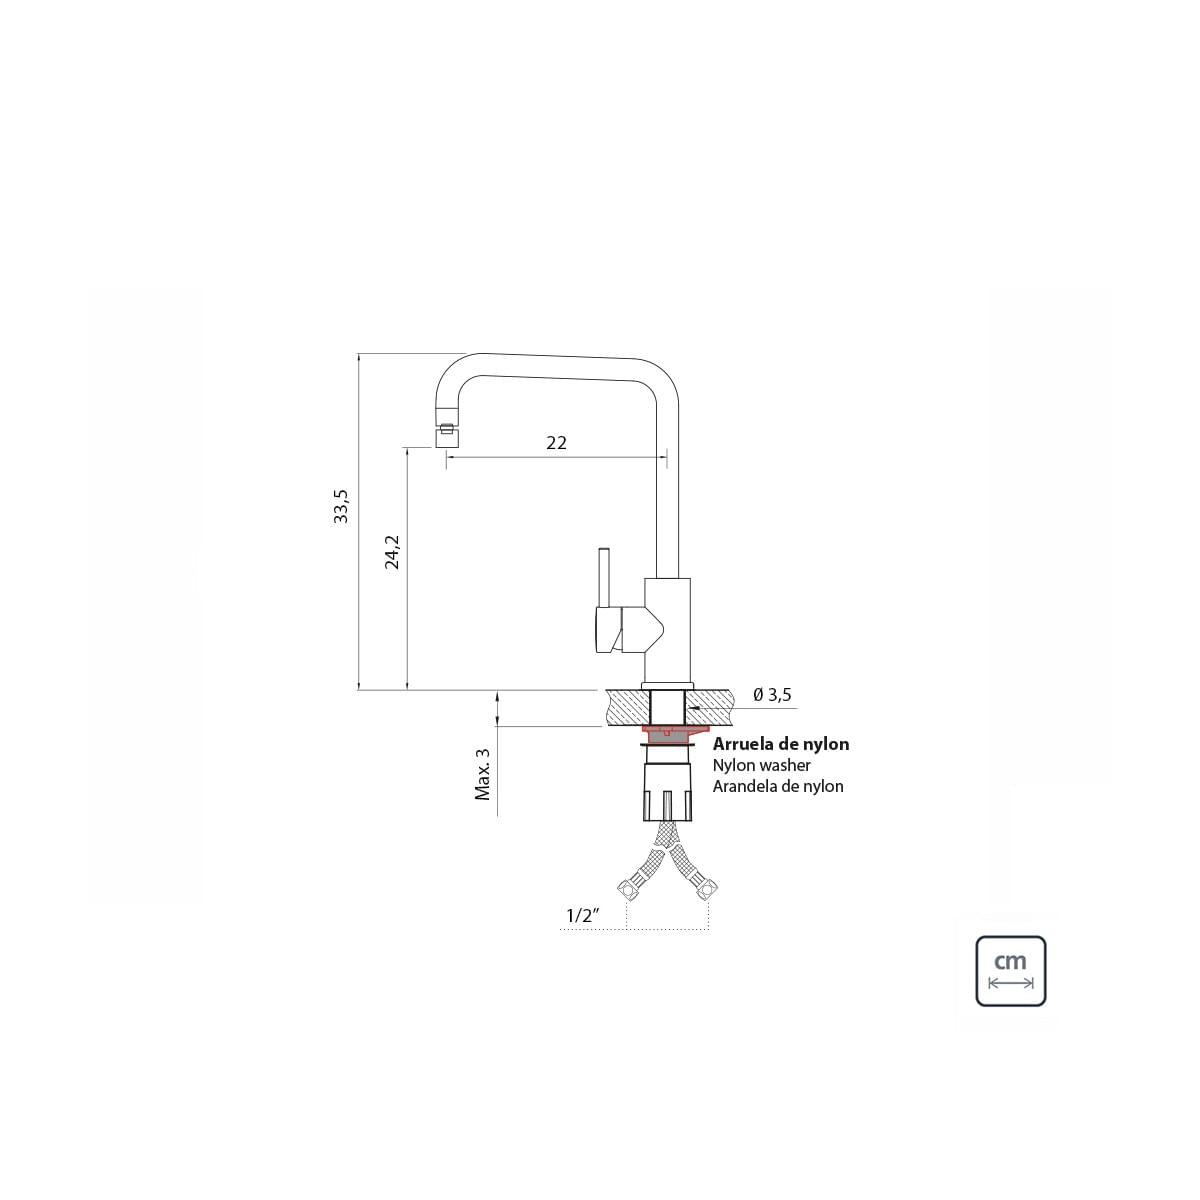 Misturador Monocomando Tramontina Angolare em Aço Inox Black com Bica Articulada com revestimento PVD